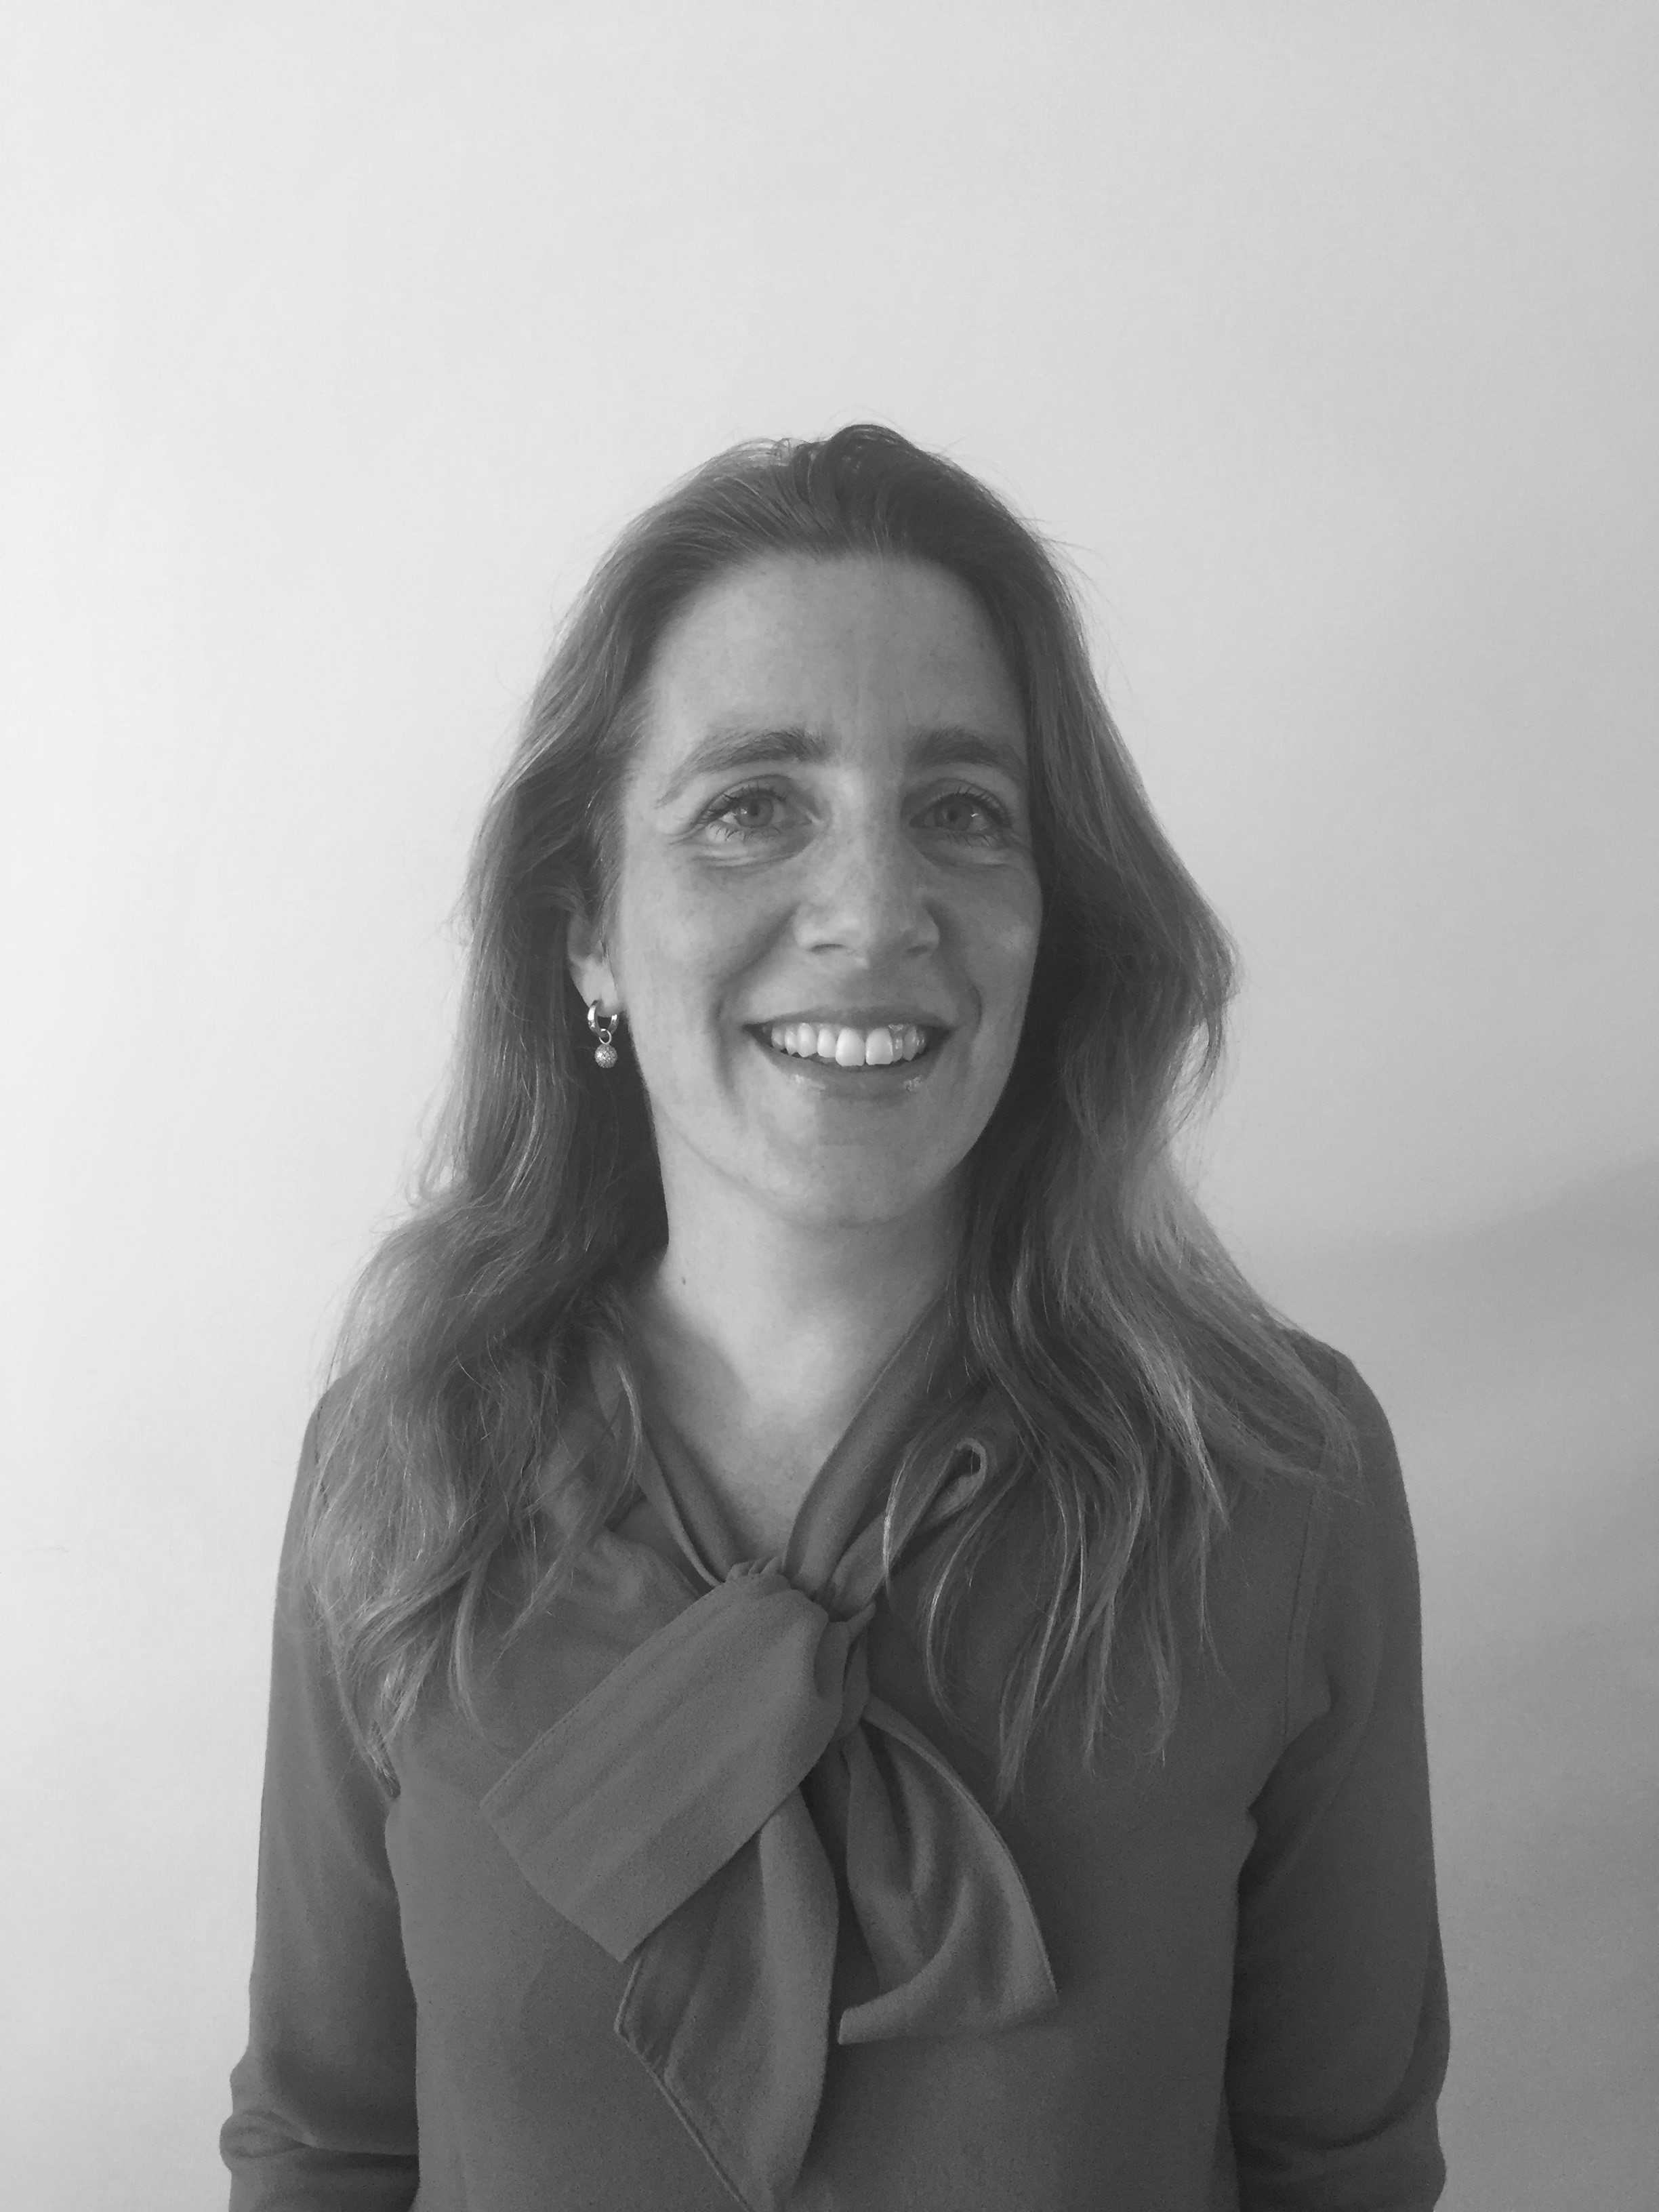 Anita Lieverdink